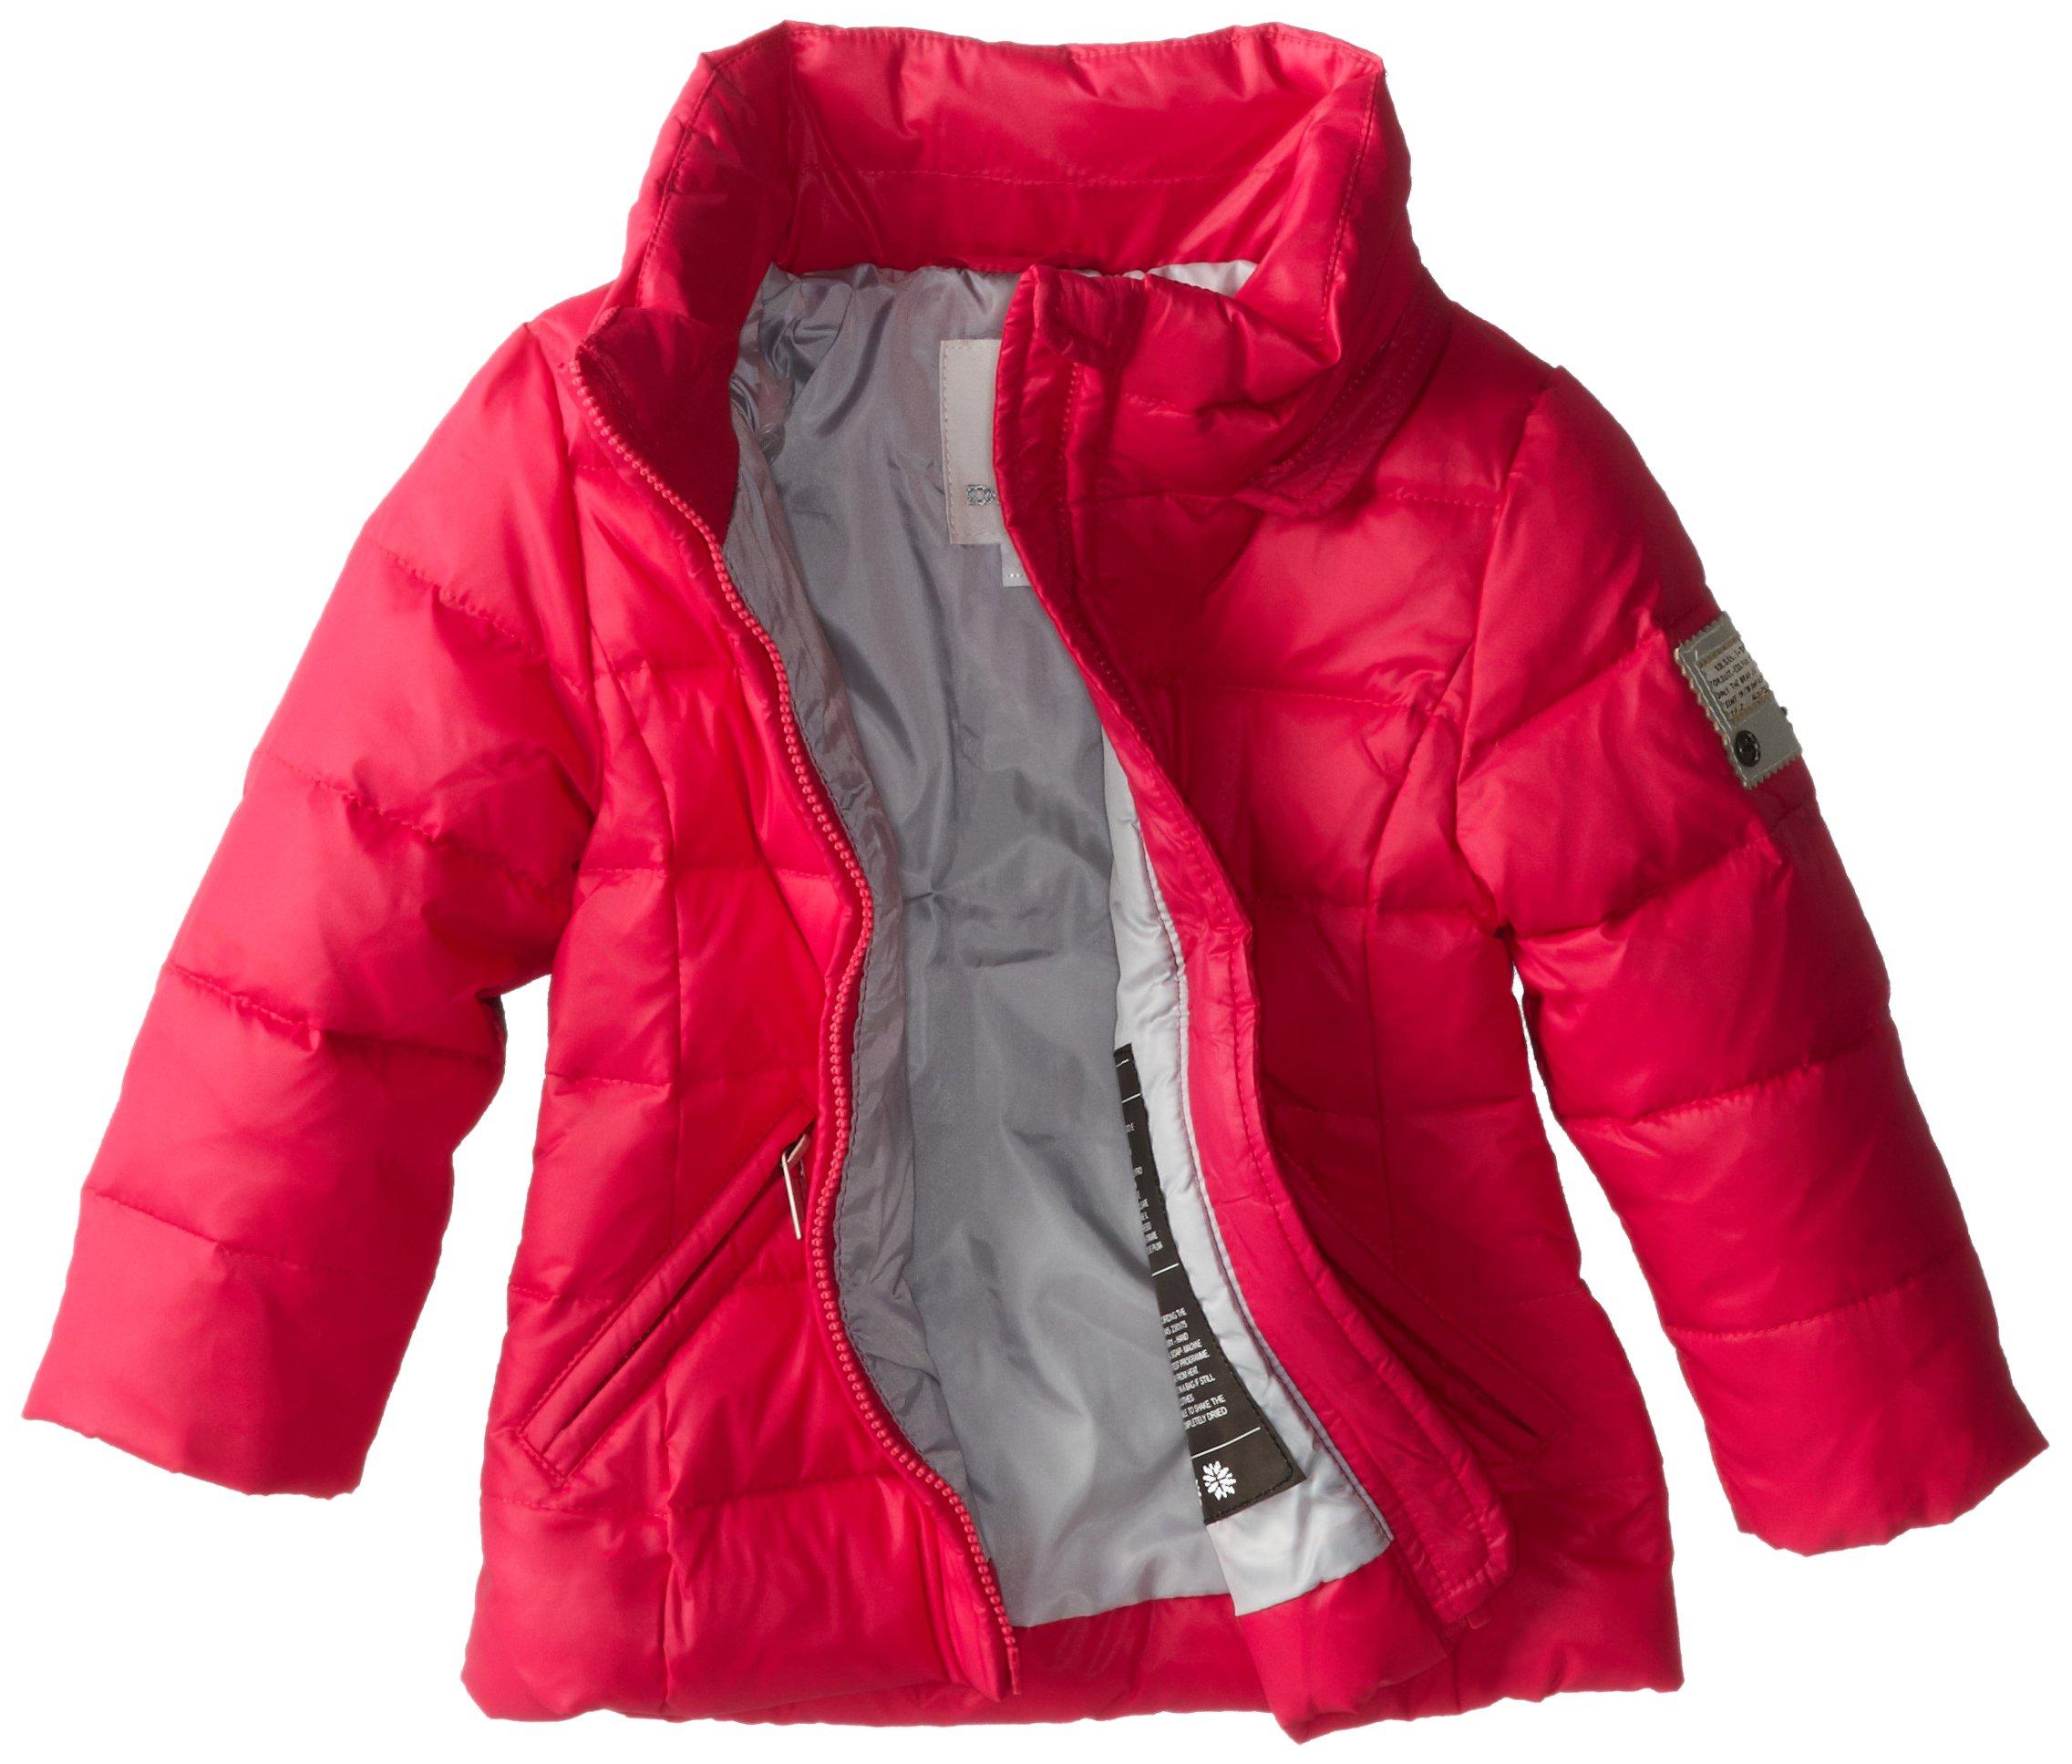 Diesel Baby Girls' Jimib Down Hooded Jacket, Fuchsia, 12 Month by Diesel (Image #2)